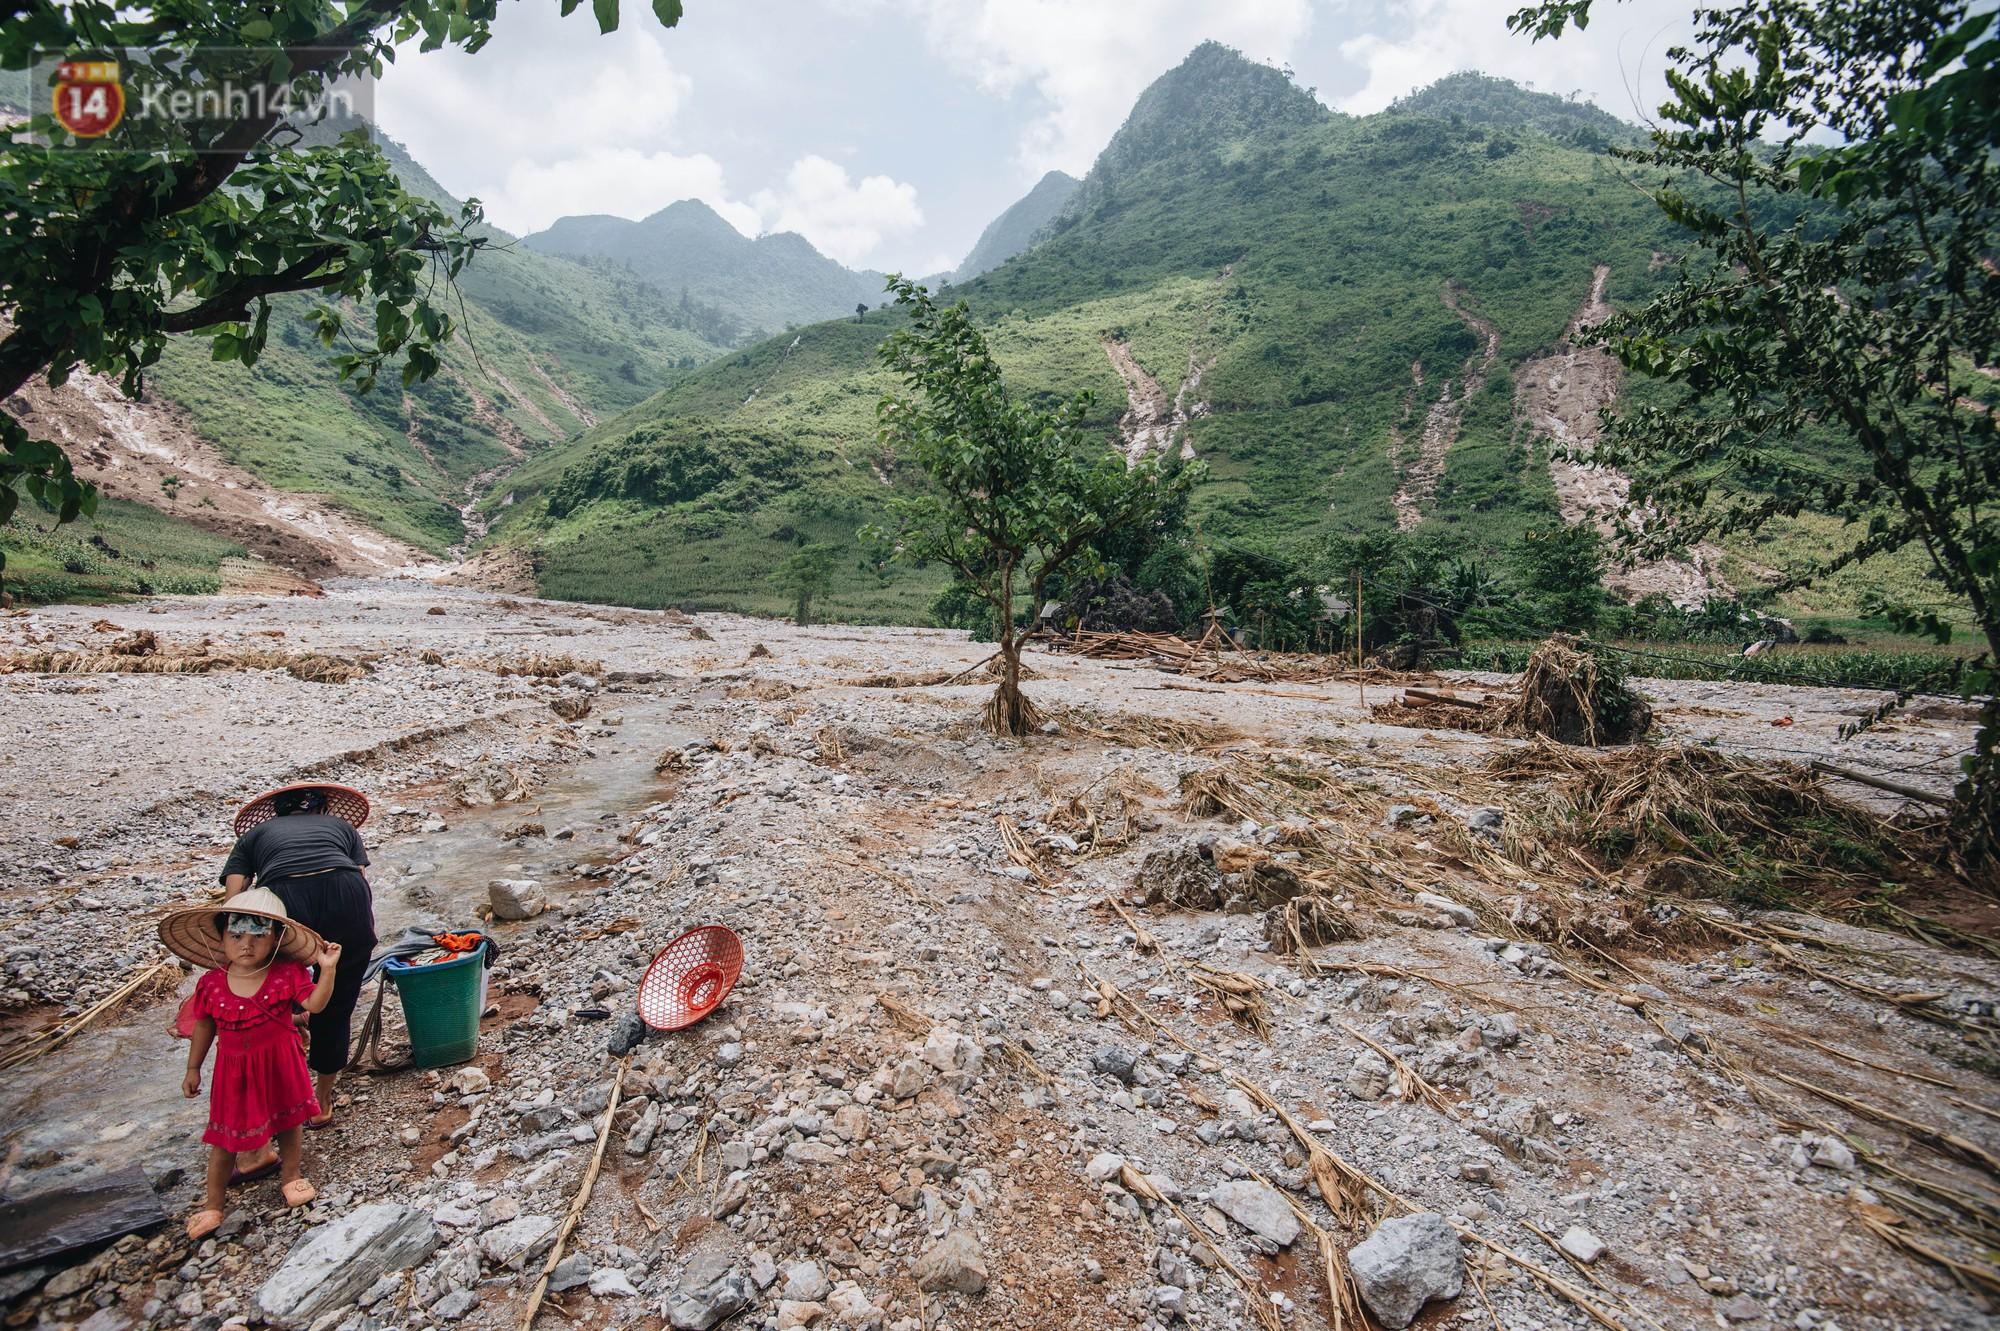 Trận lũ đau thương ở Hà Giang trong vòng 10 năm qua: Giờ đâu còn nhà nữa, mất hết, lũ cuốn trôi hết rồi... - Ảnh 7.